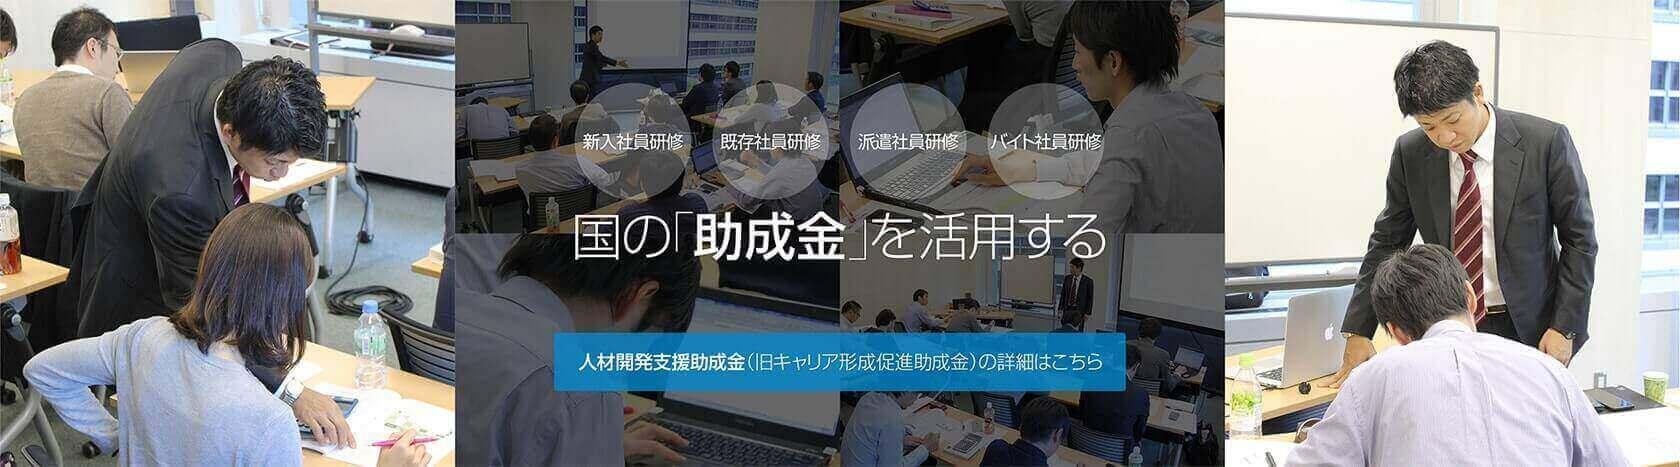 助成金を活用した企業研修を実施。Javaプログラミング、PHPプログラミング、HTML/CSSなどWebエンジニア向けの職業訓練コースがあります